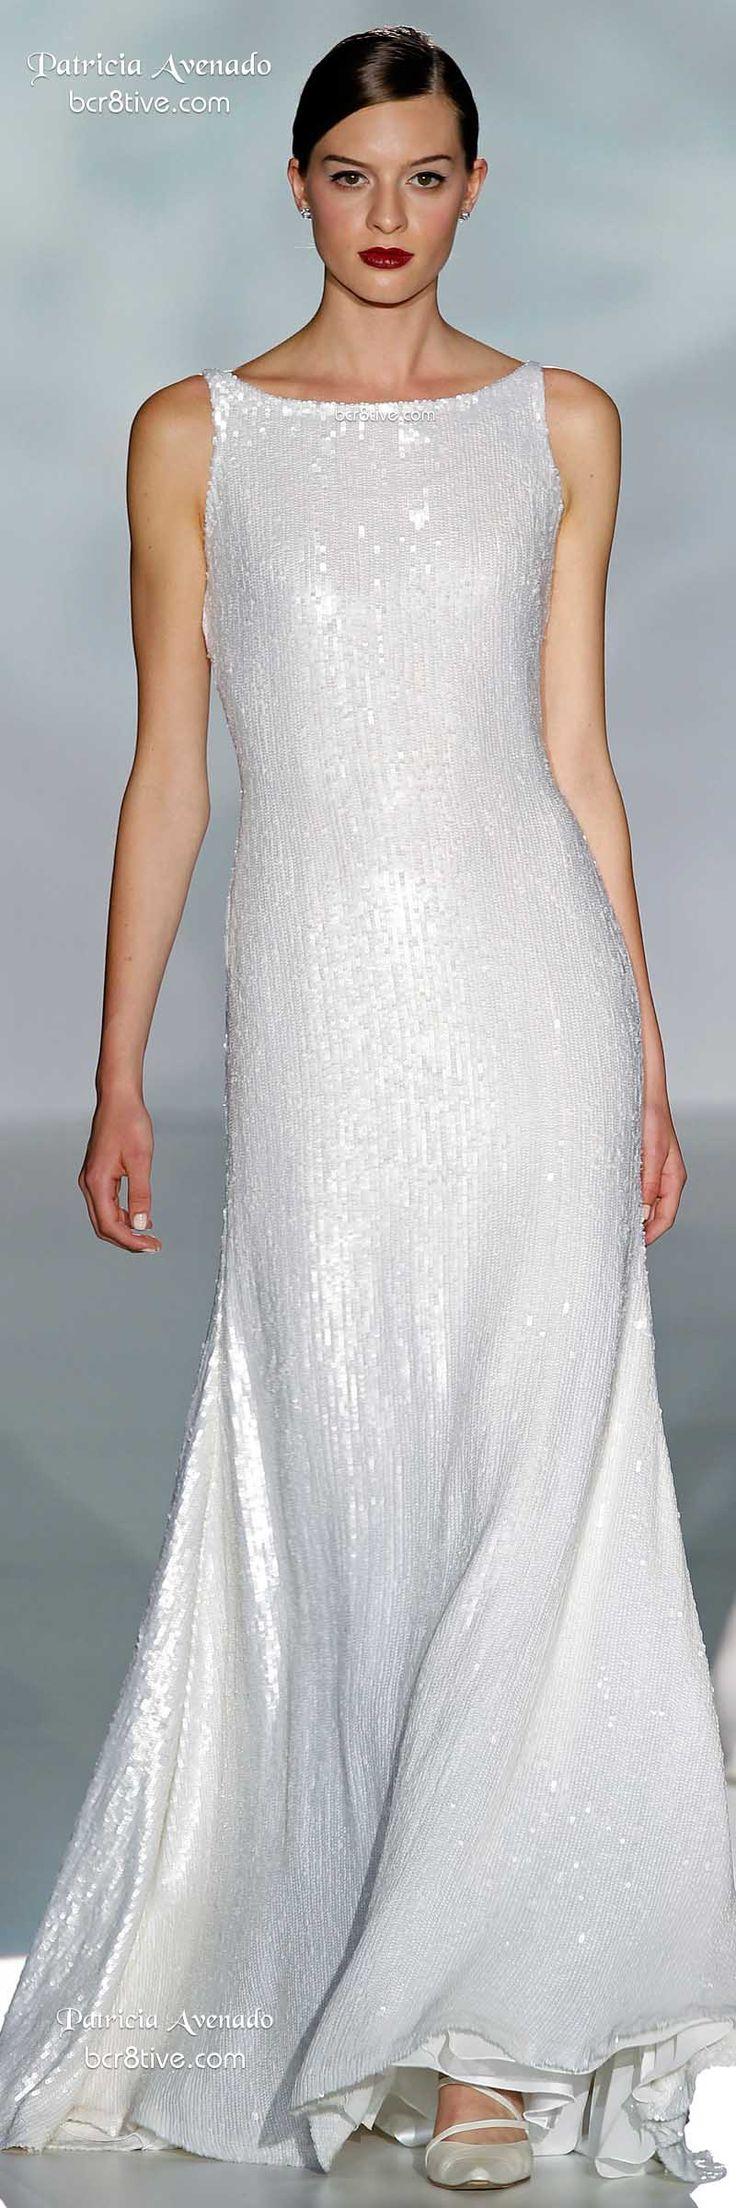 194 best ~Fabulous Bridal Gowns Part 3~ images on Pinterest ...